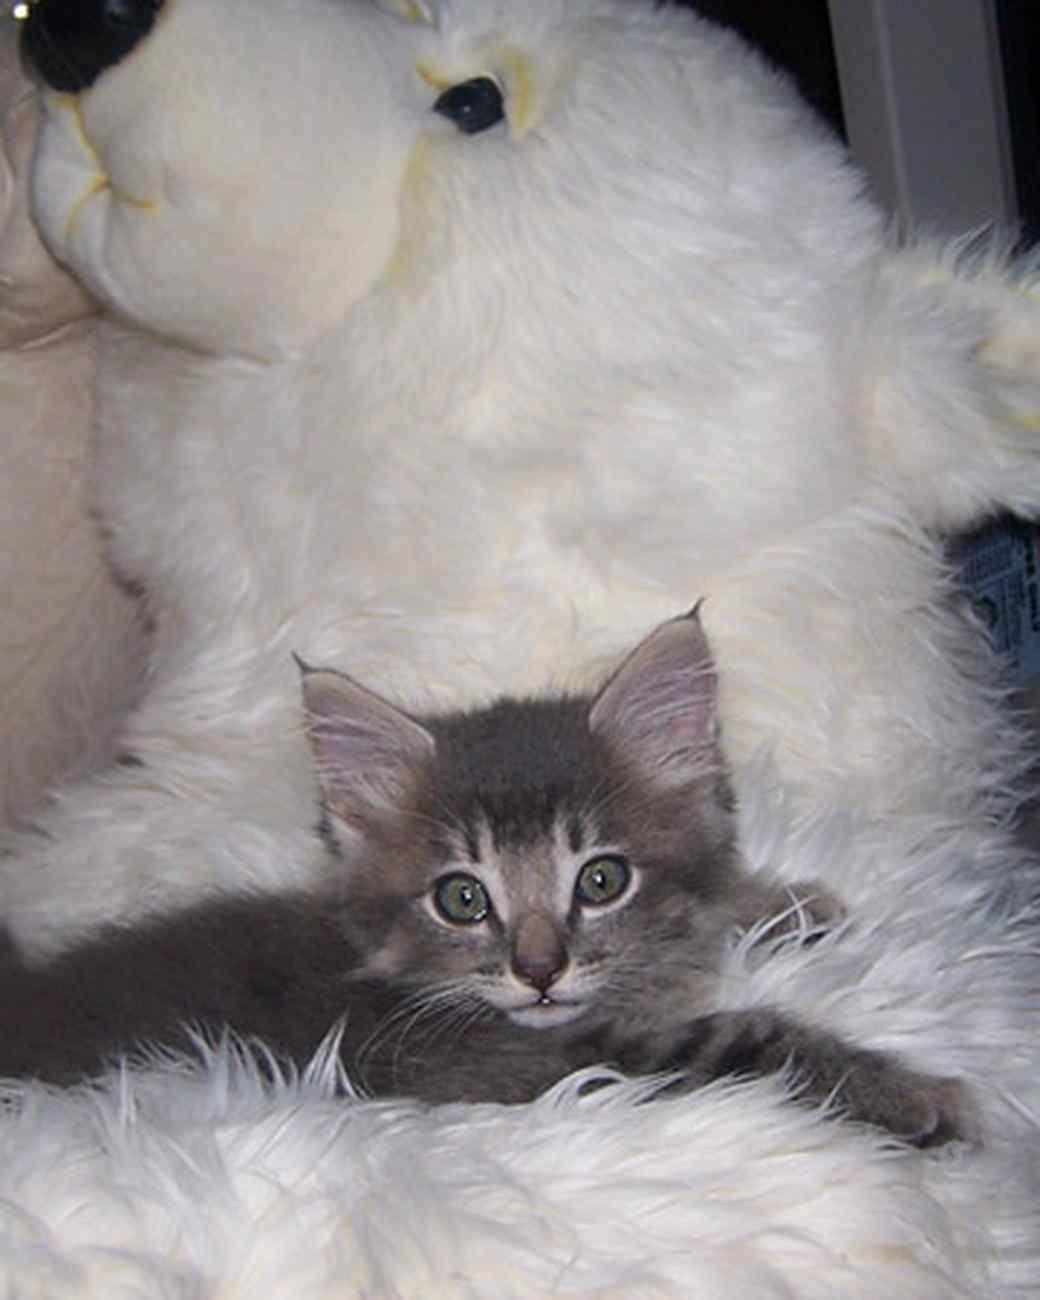 pets_kittens_0610_9552021_23499846.jpg